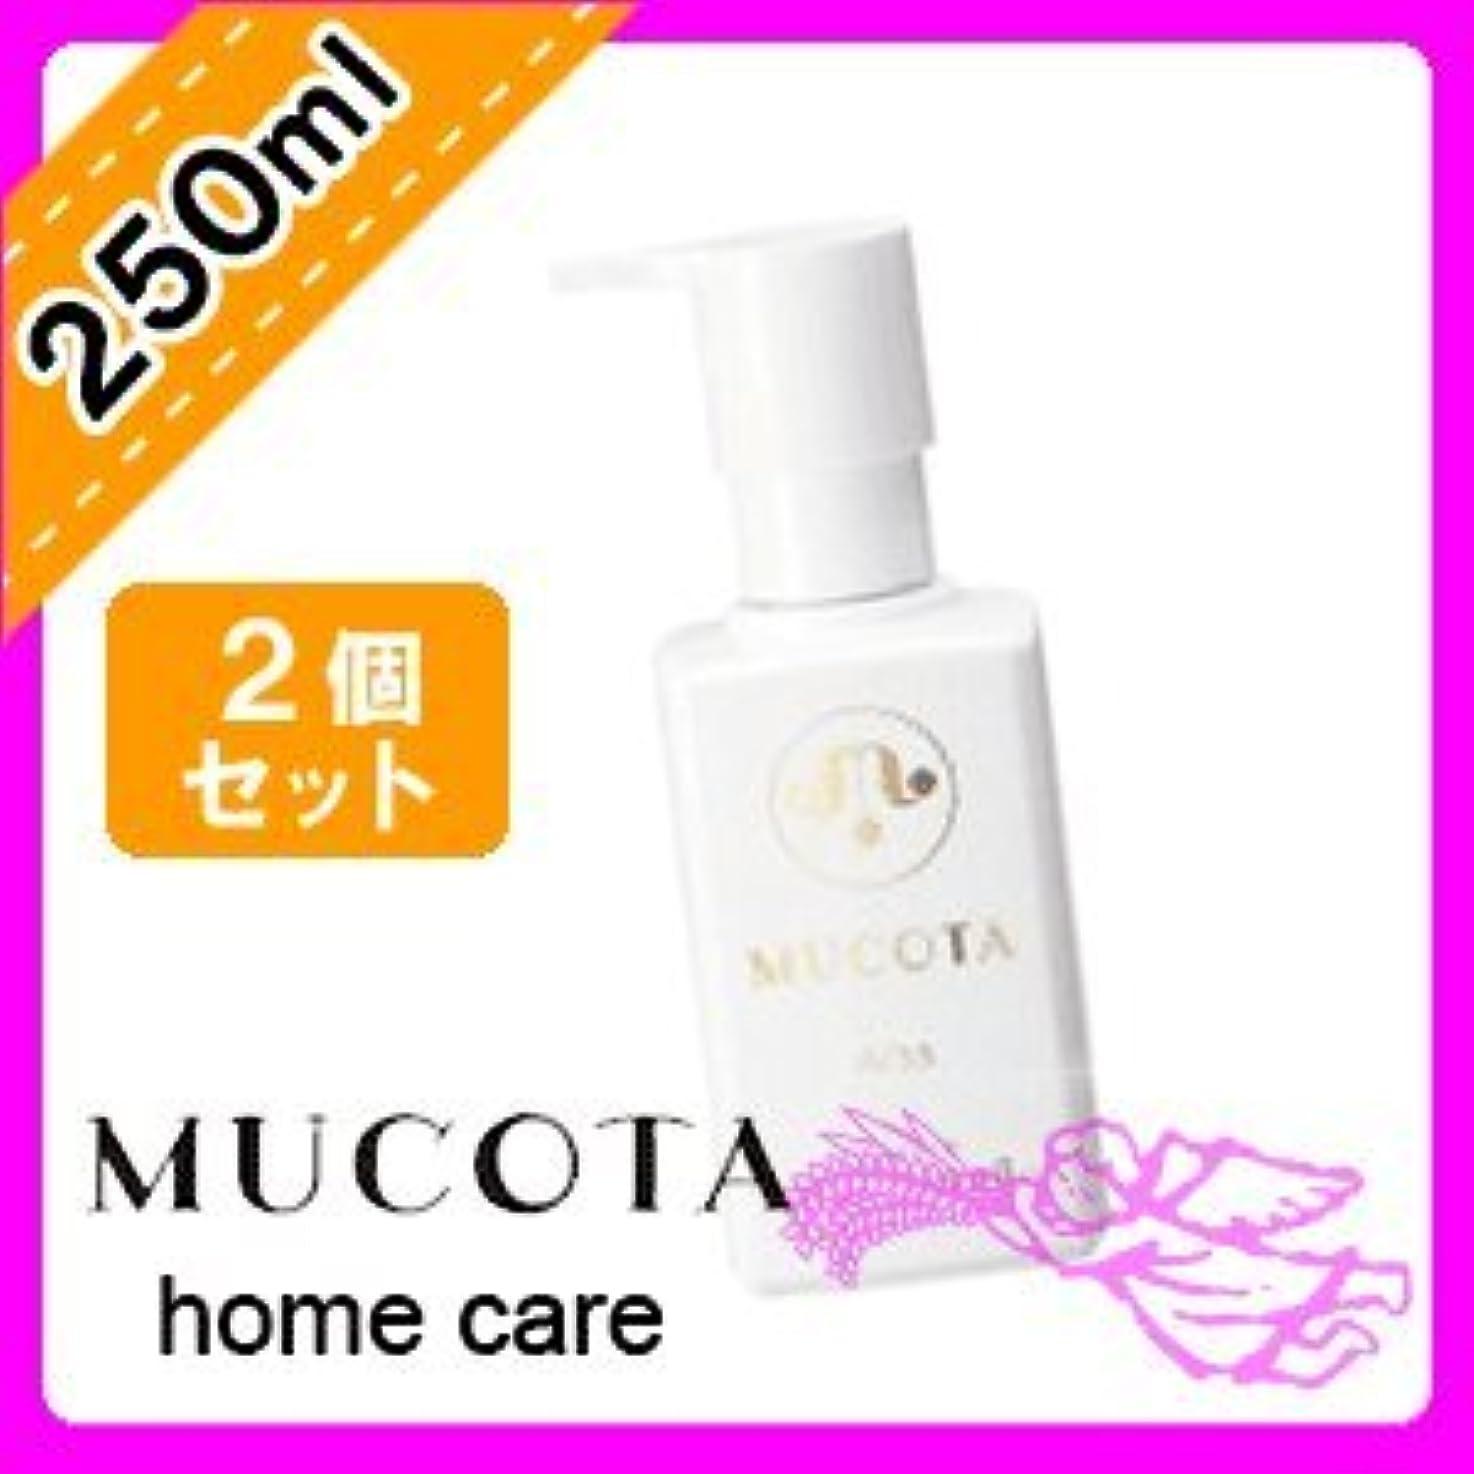 プラスブラウン写真を撮るムコタ ホームケア シャンプー A/33 250ml × 2個 セット MUCOTA Home Care